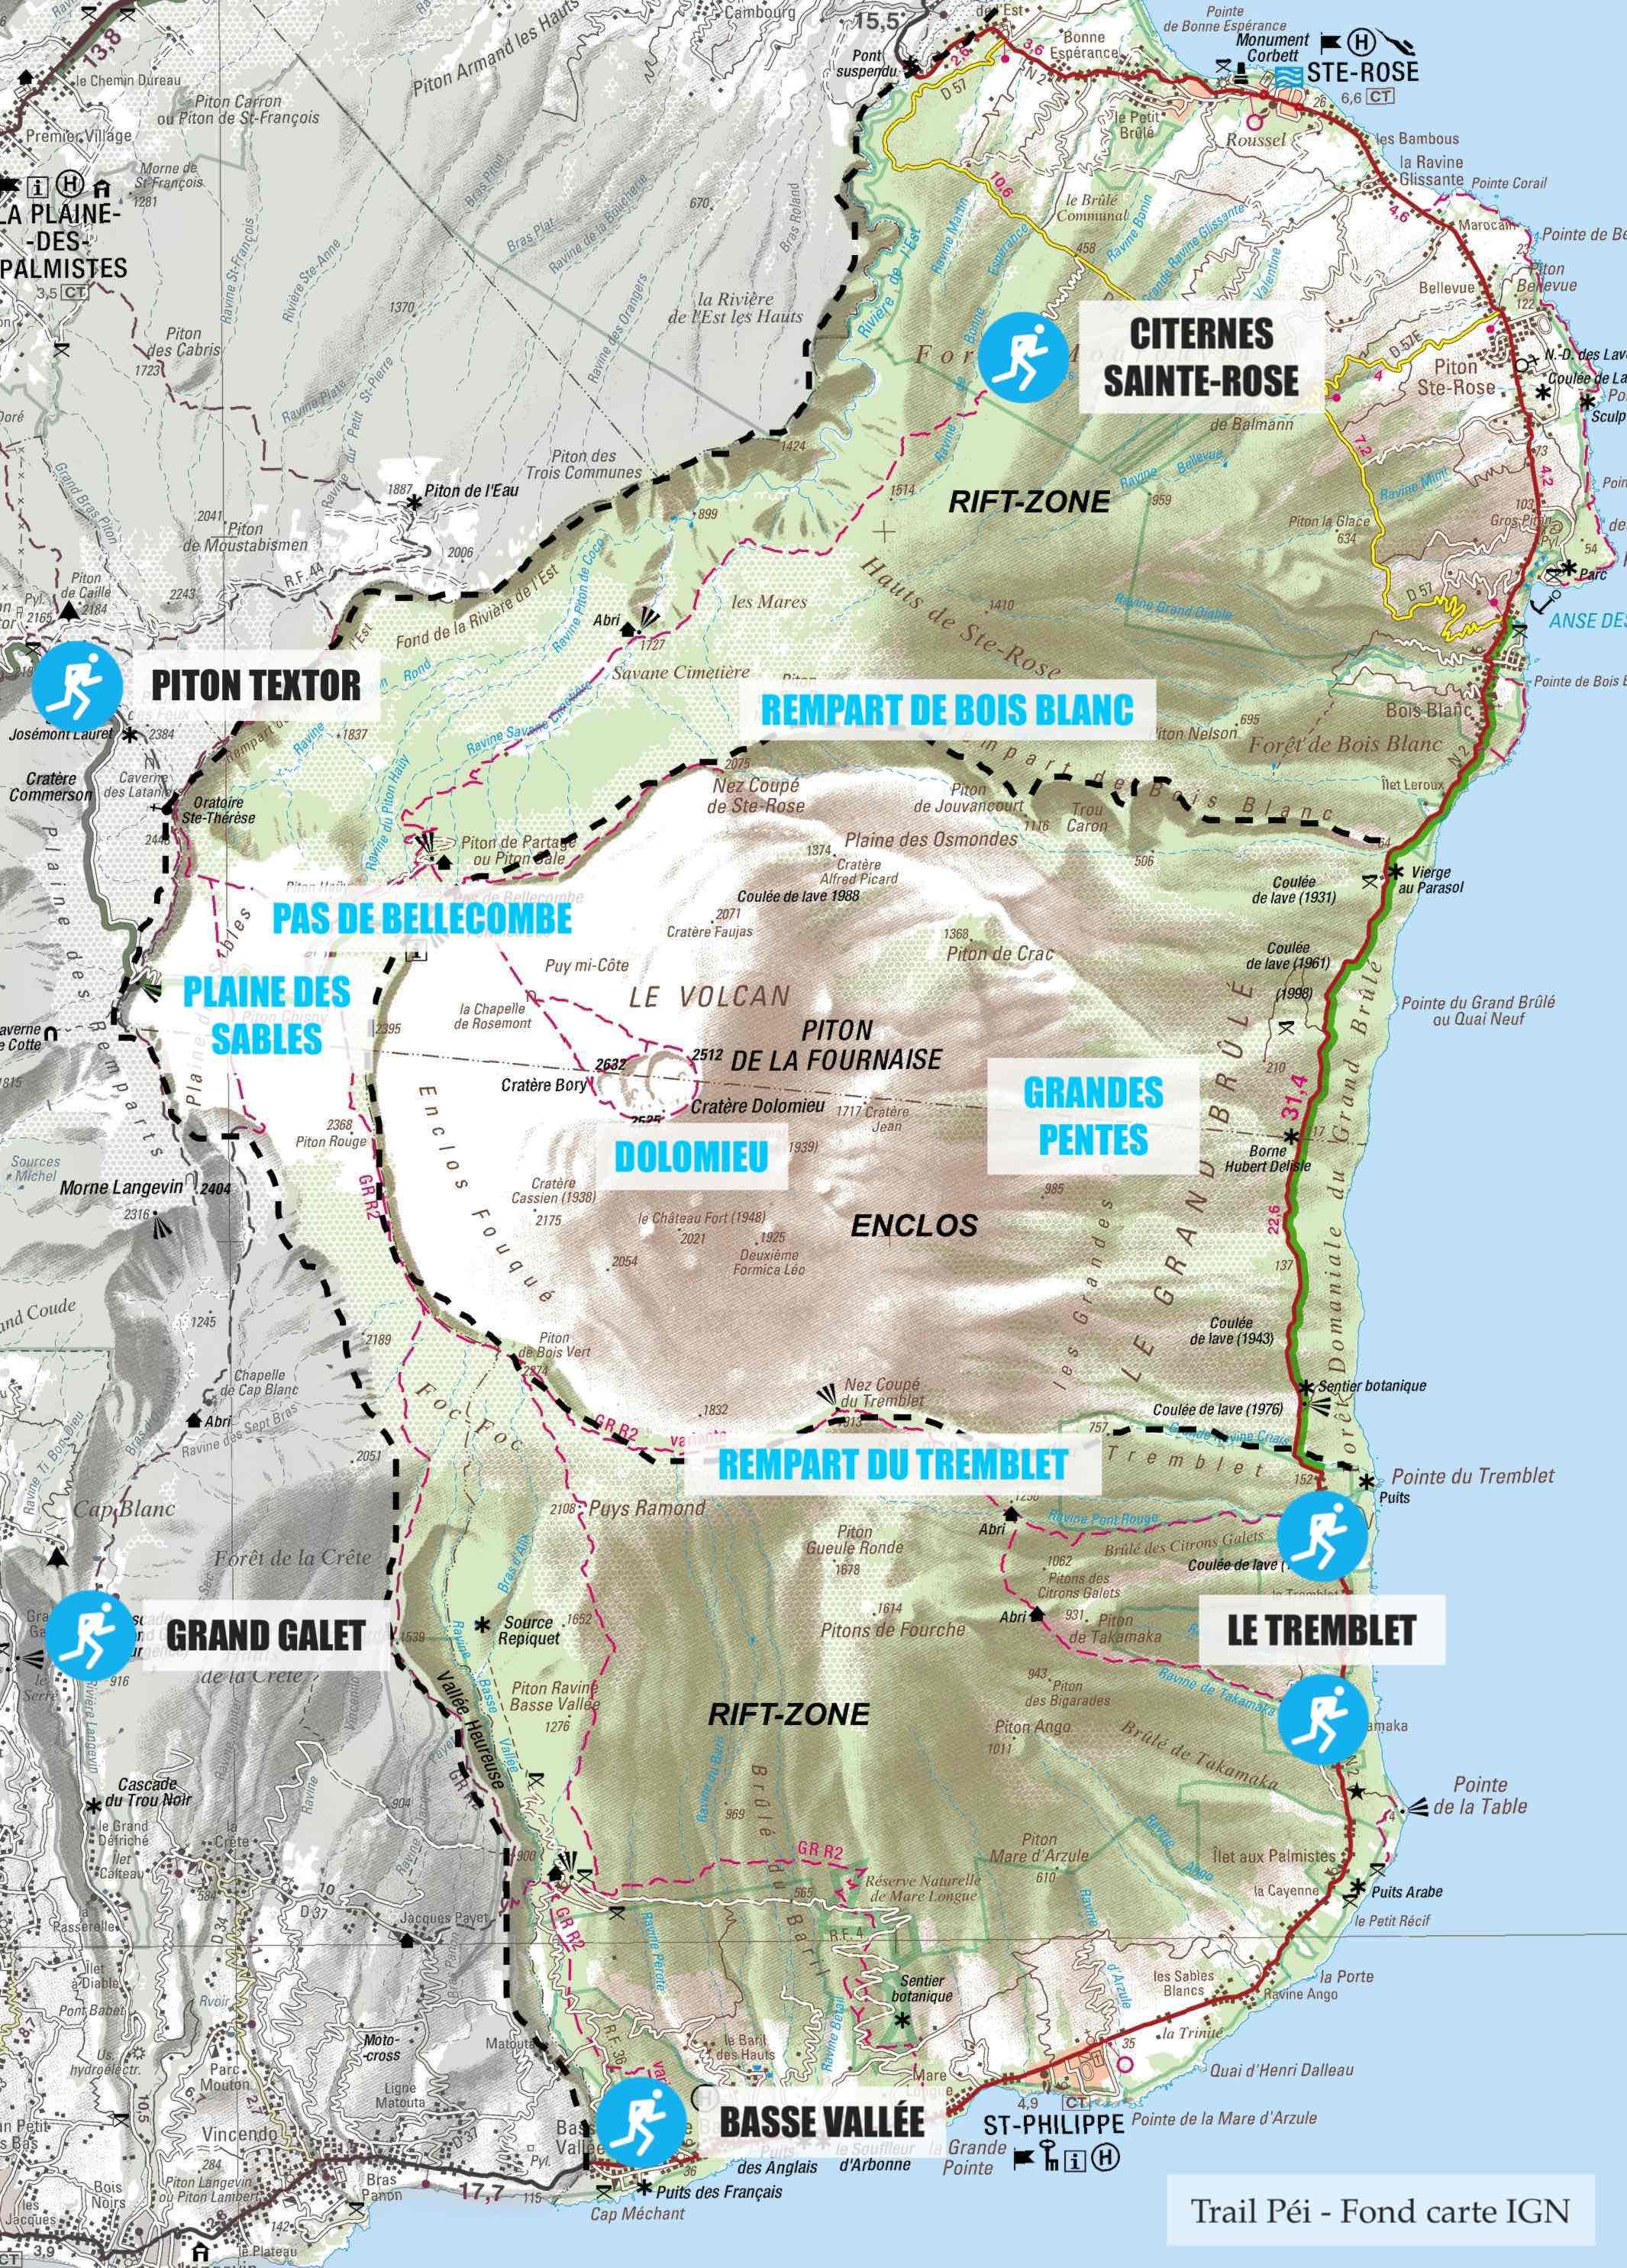 Le Trail Et Les Parcours Au Volcan Trail Pei